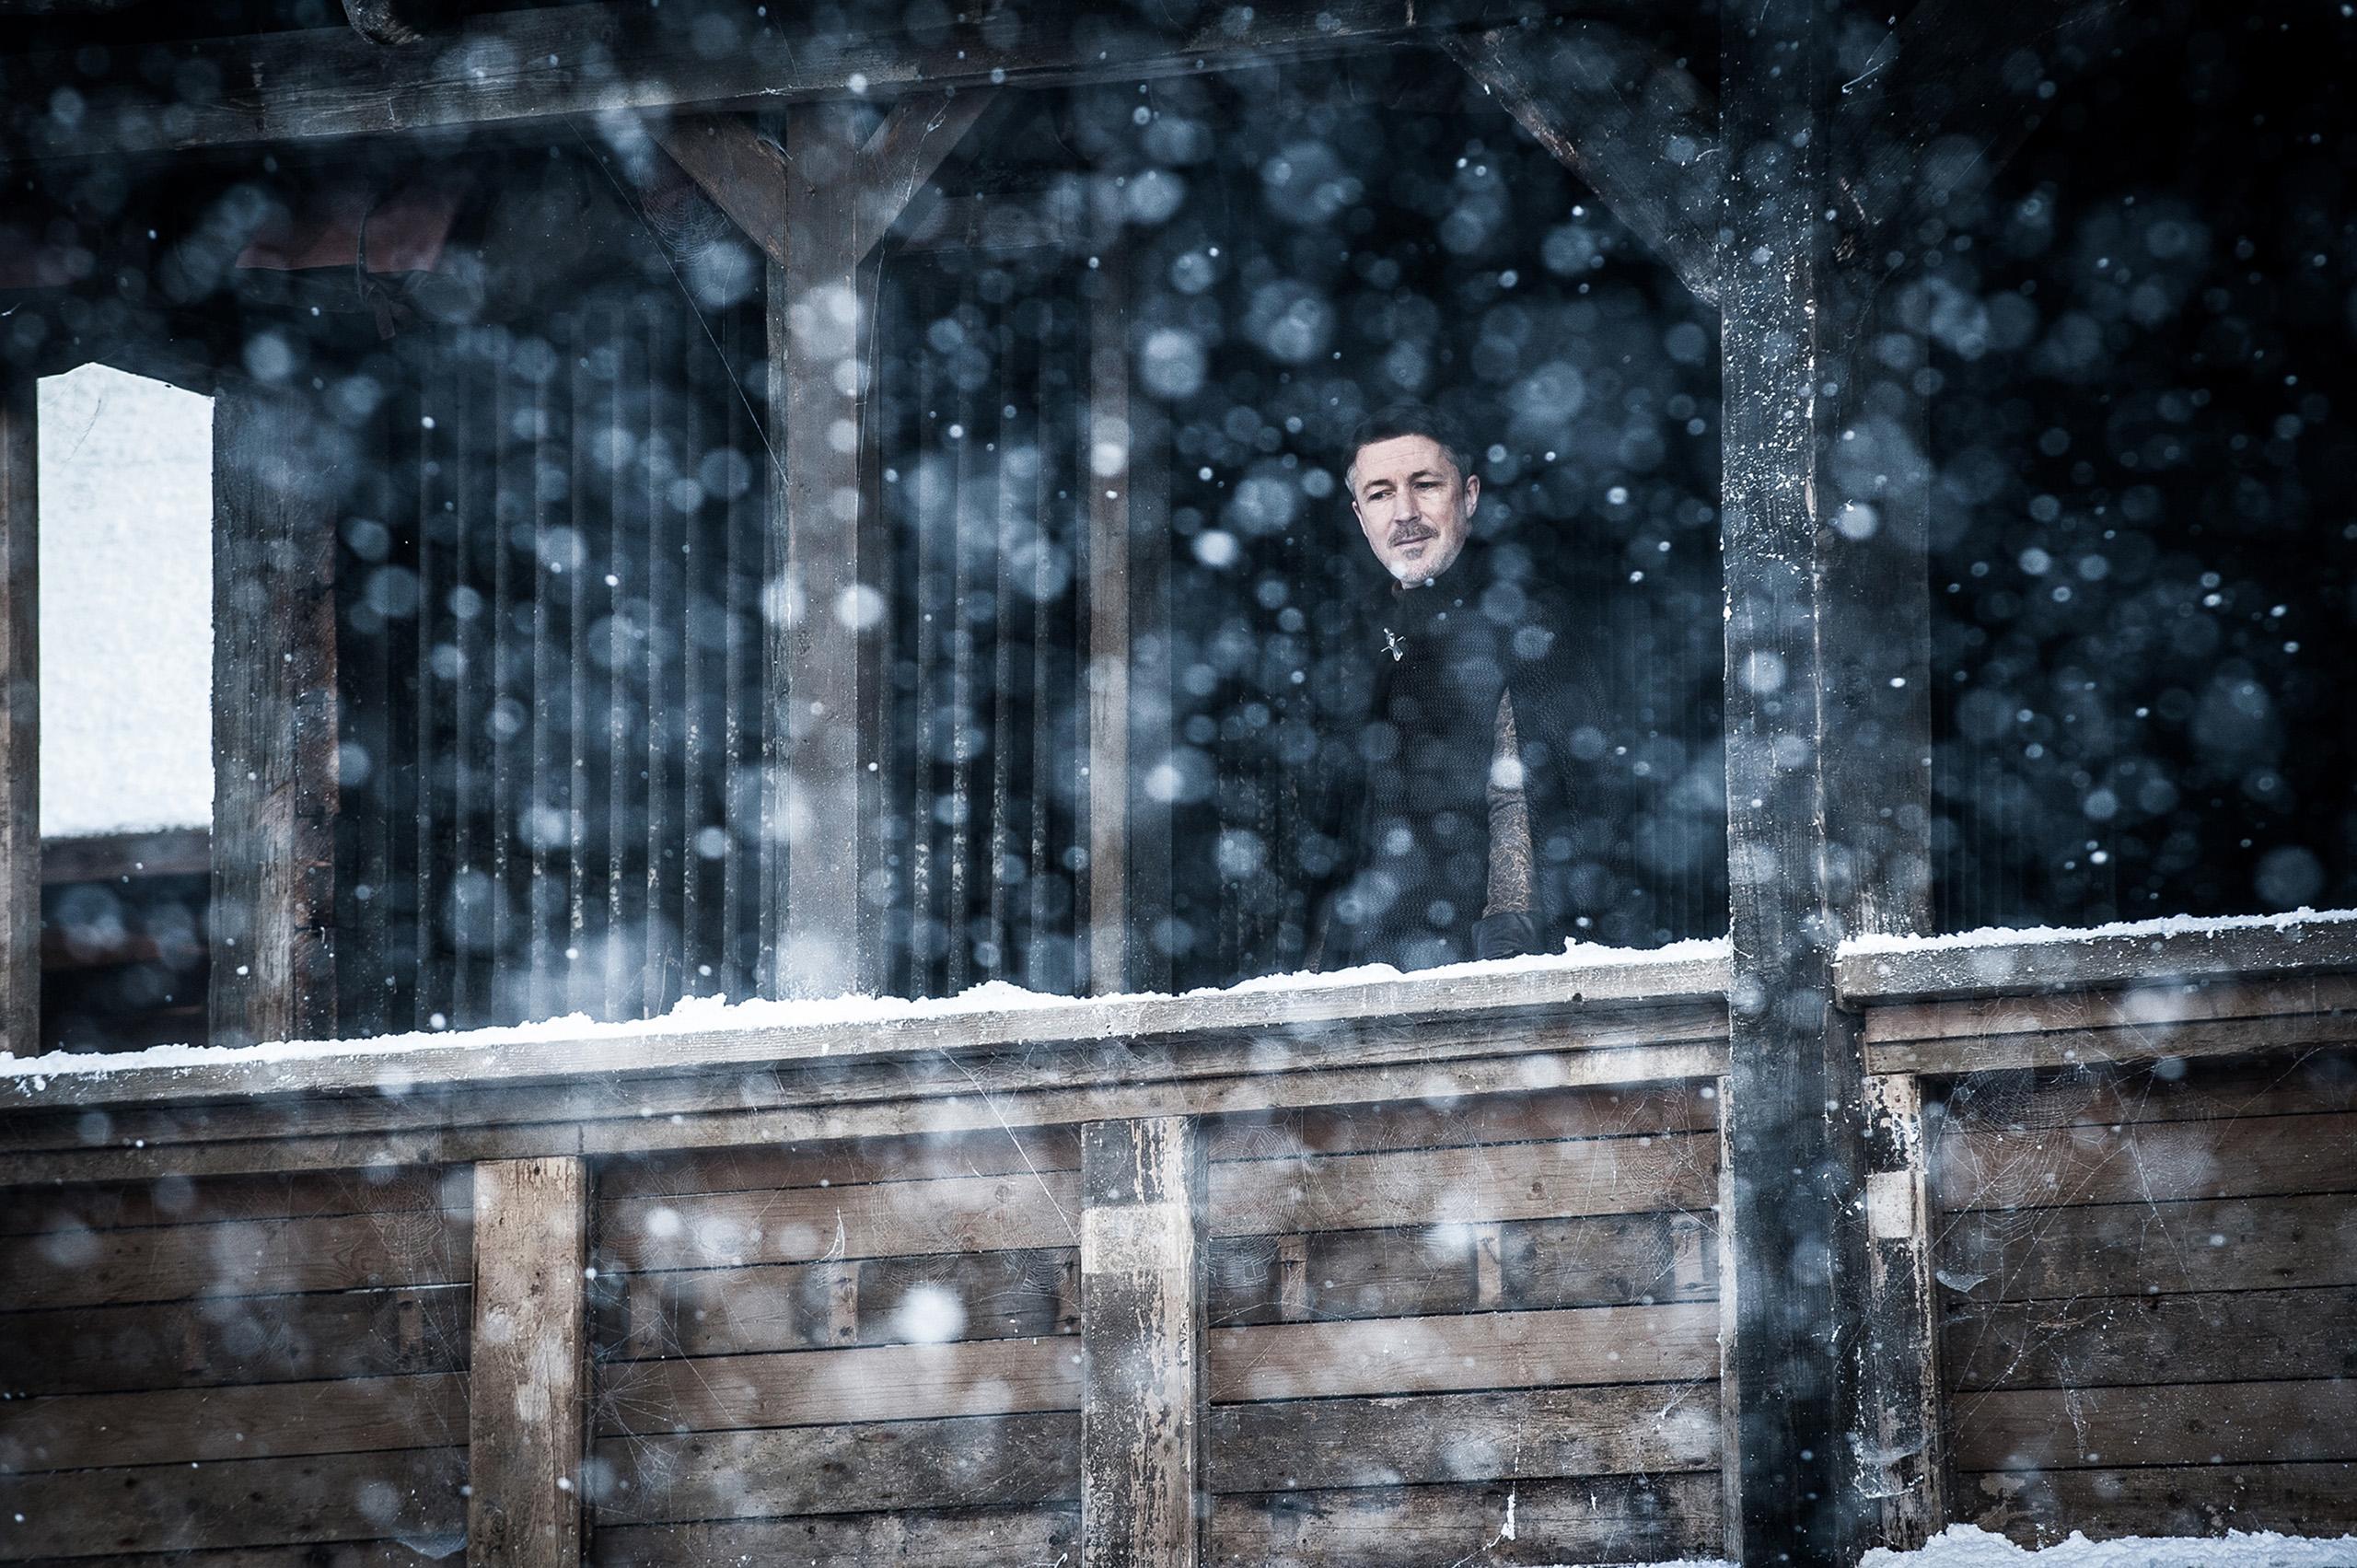 Aidan Gillen in Game of Thrones